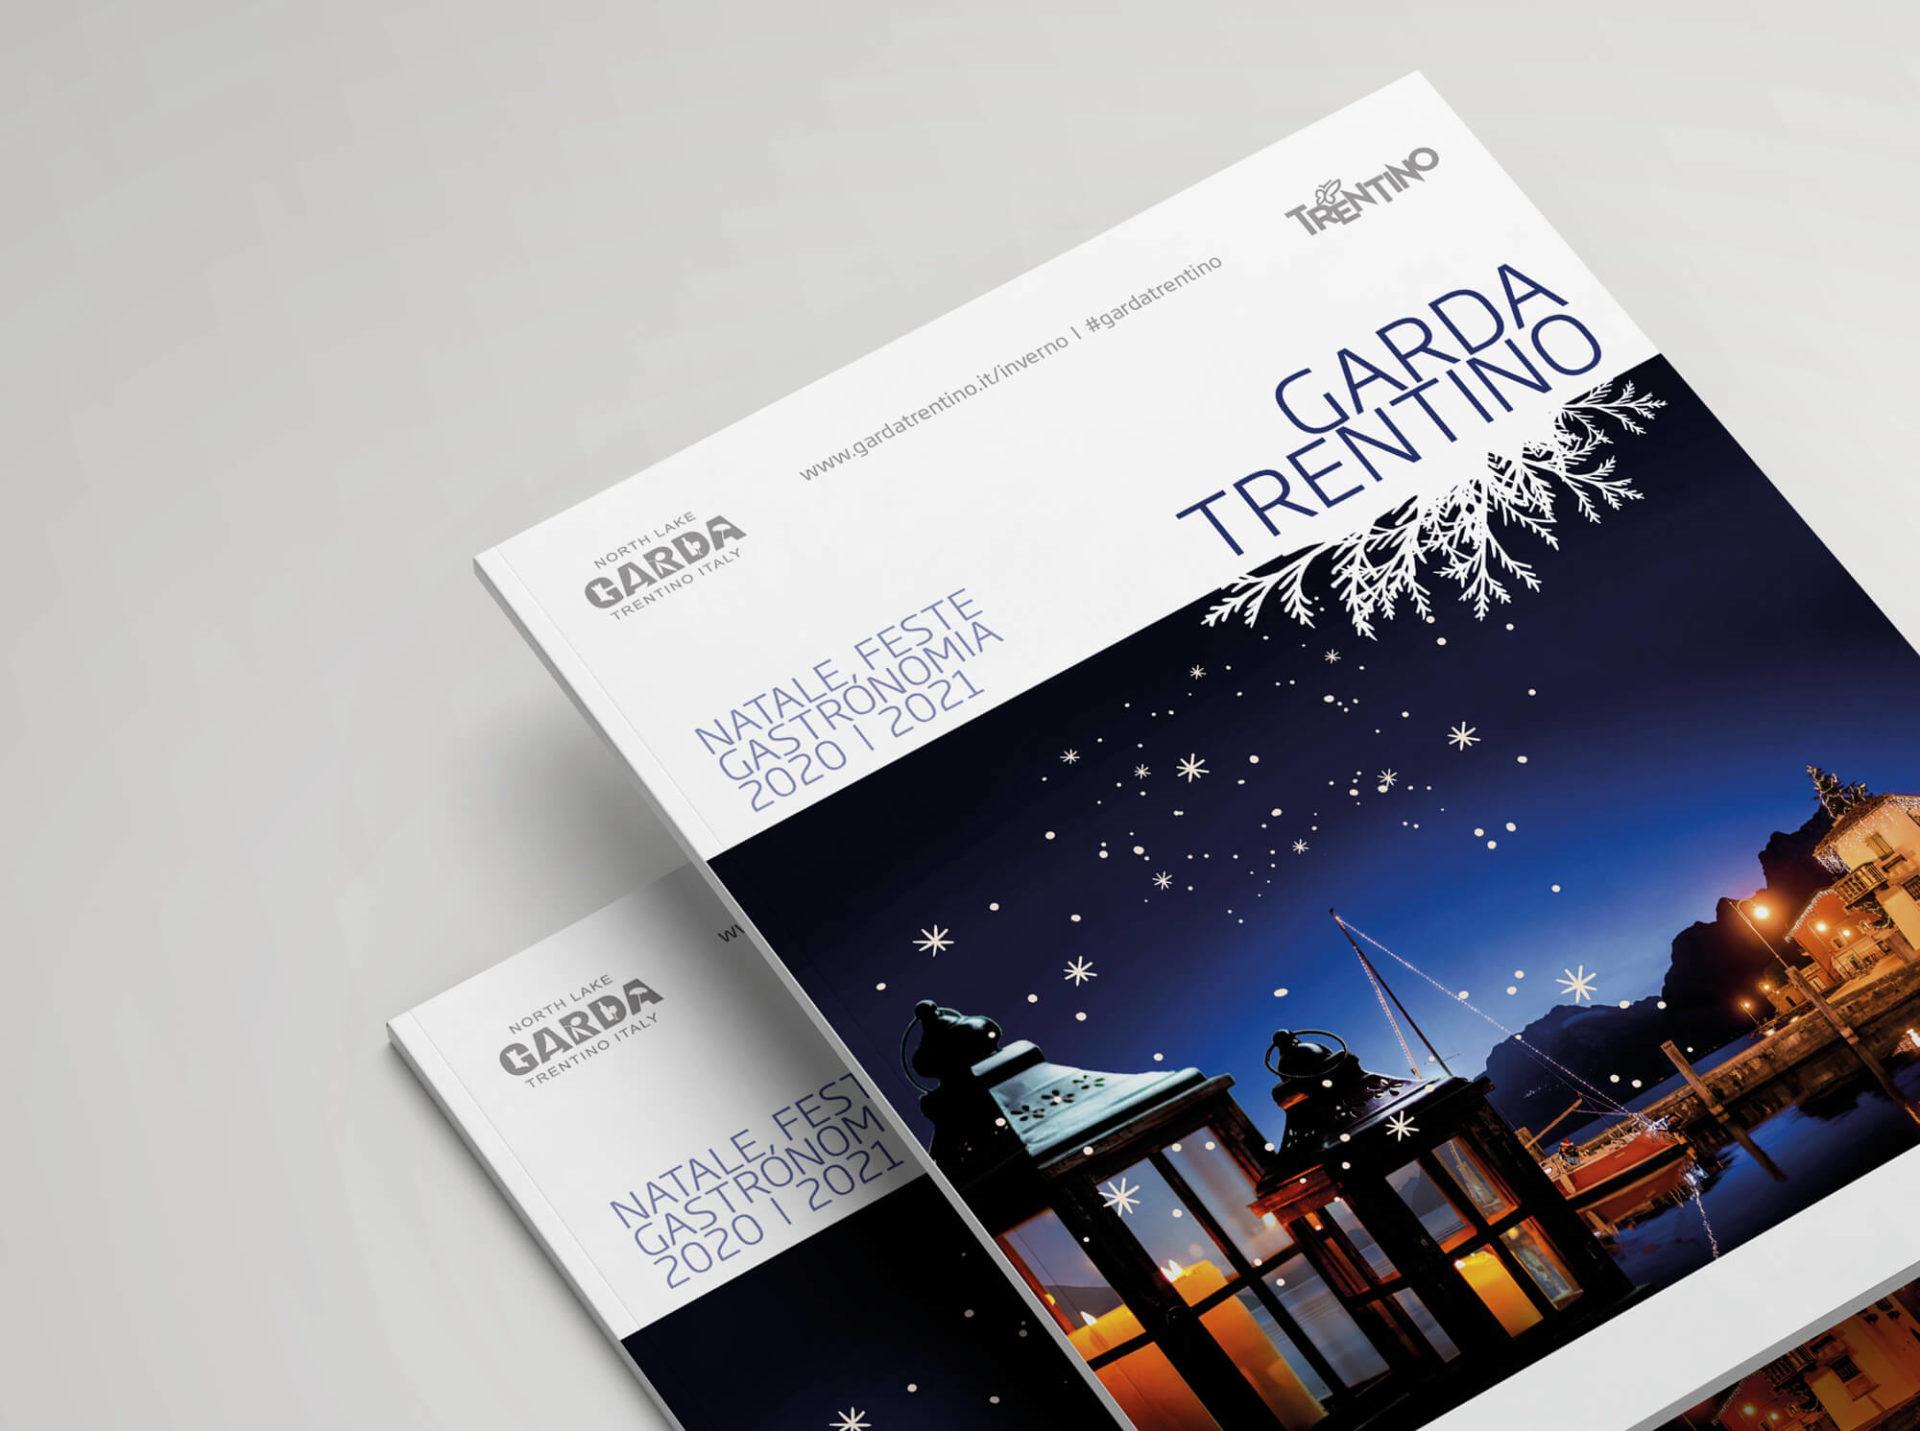 dettaglio copertina eventi di natale della brochure promozionale garda trentino, progetto grafico diadestudio arco di trento